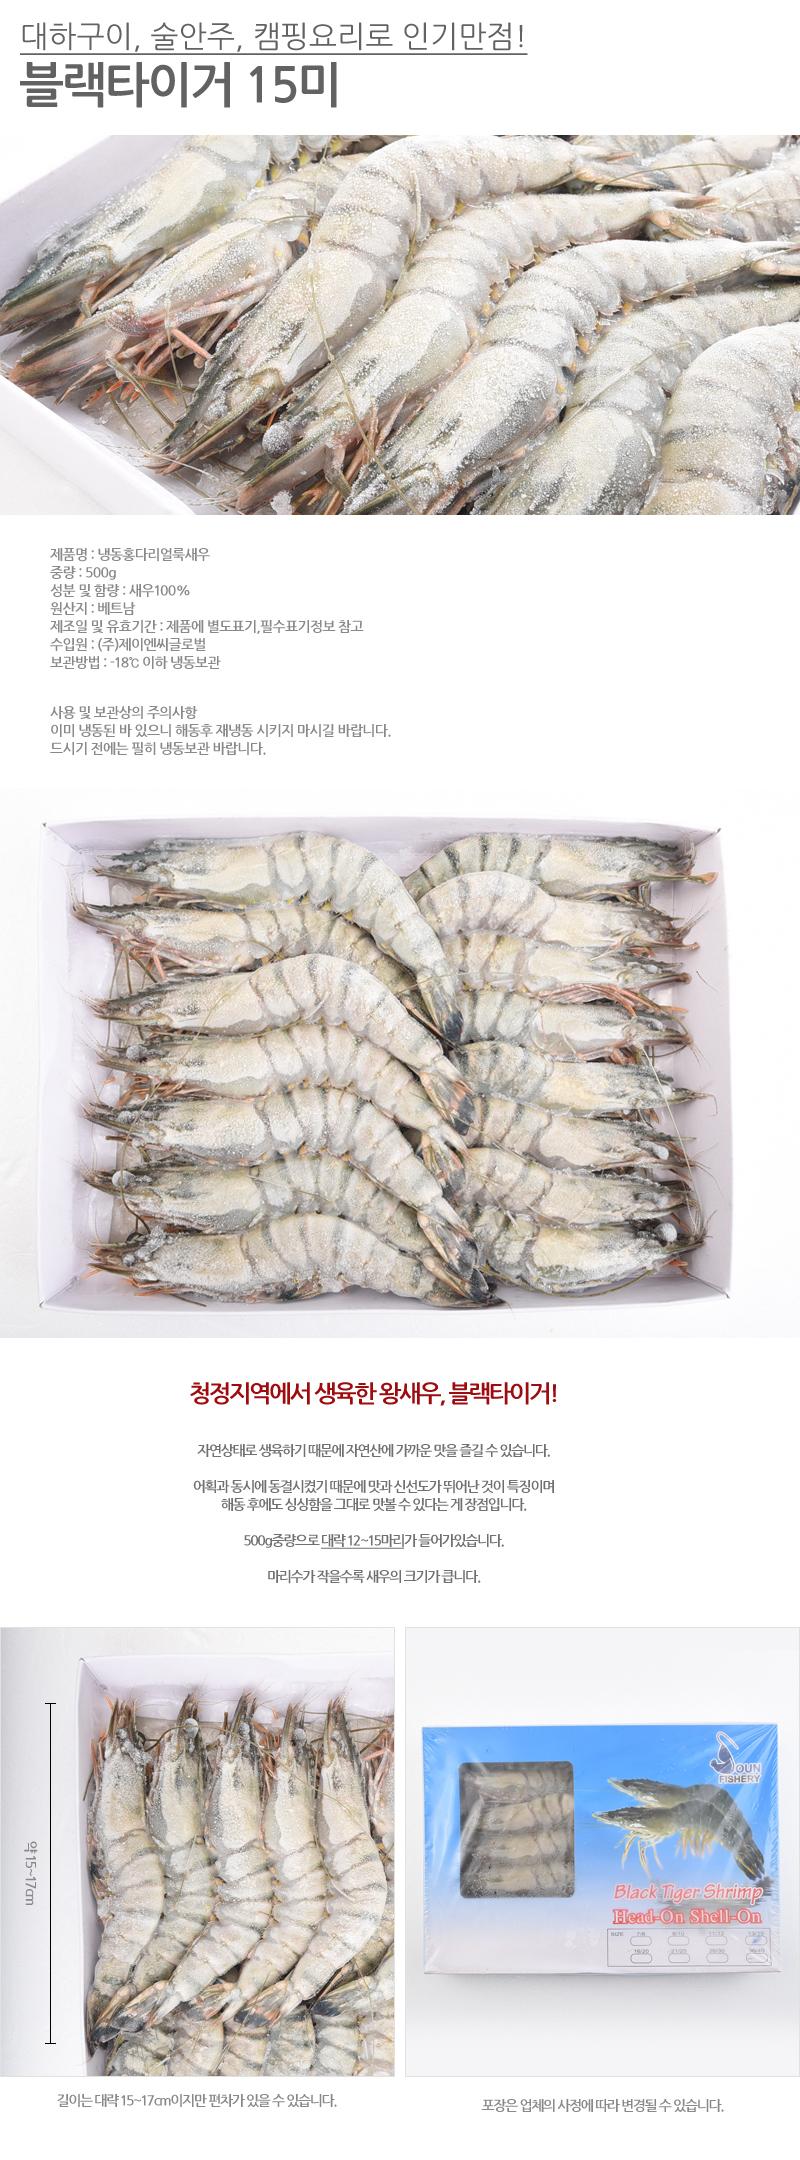 shrimp_03_02.jpg